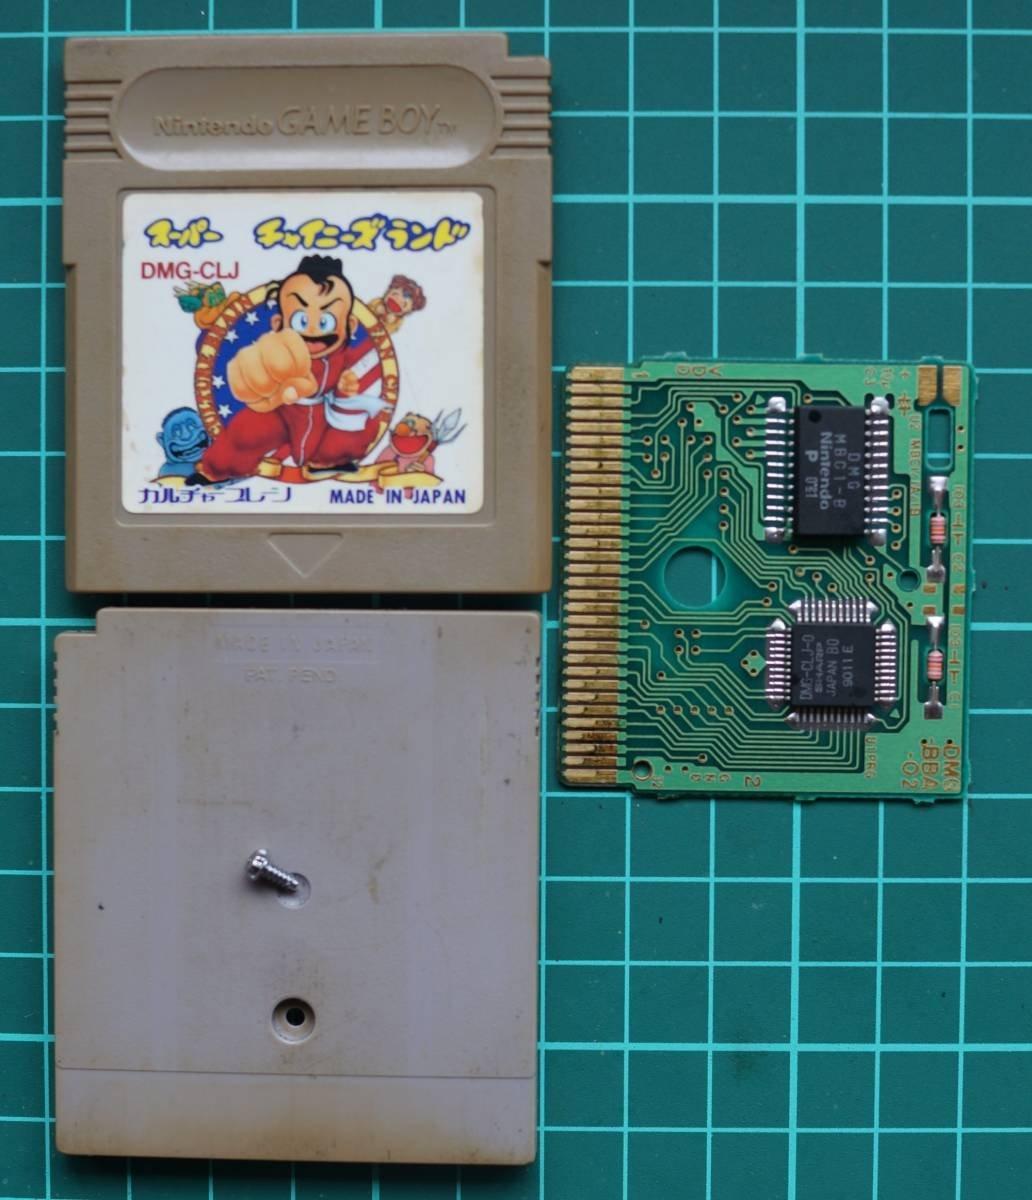 ゲームボーイ カートリッジ : スーパーチャイニーズランド DMG-CLJ